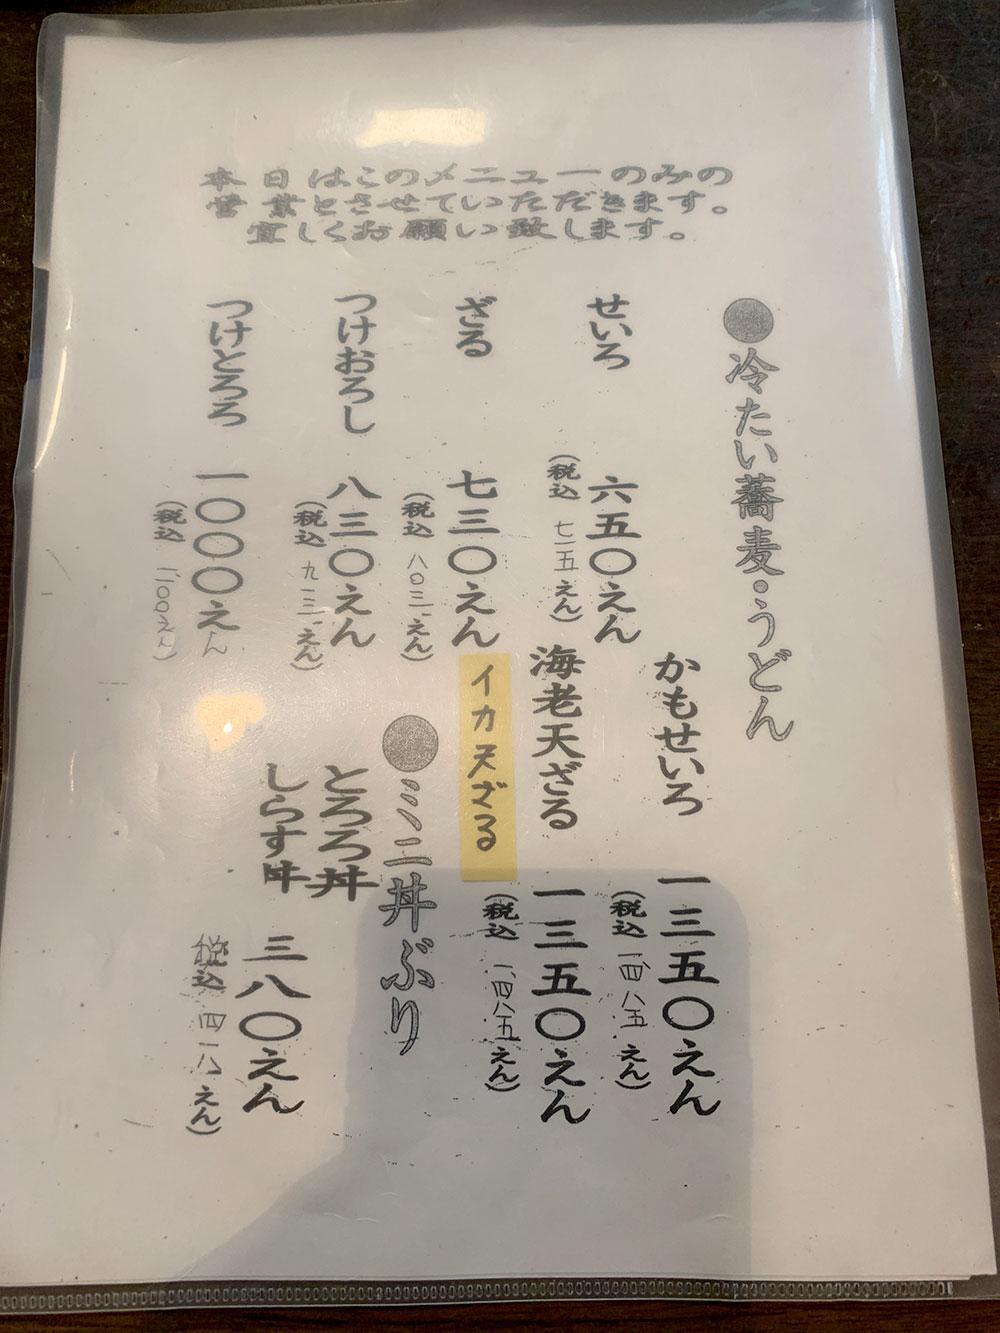 薮 そば 下田 メニュー